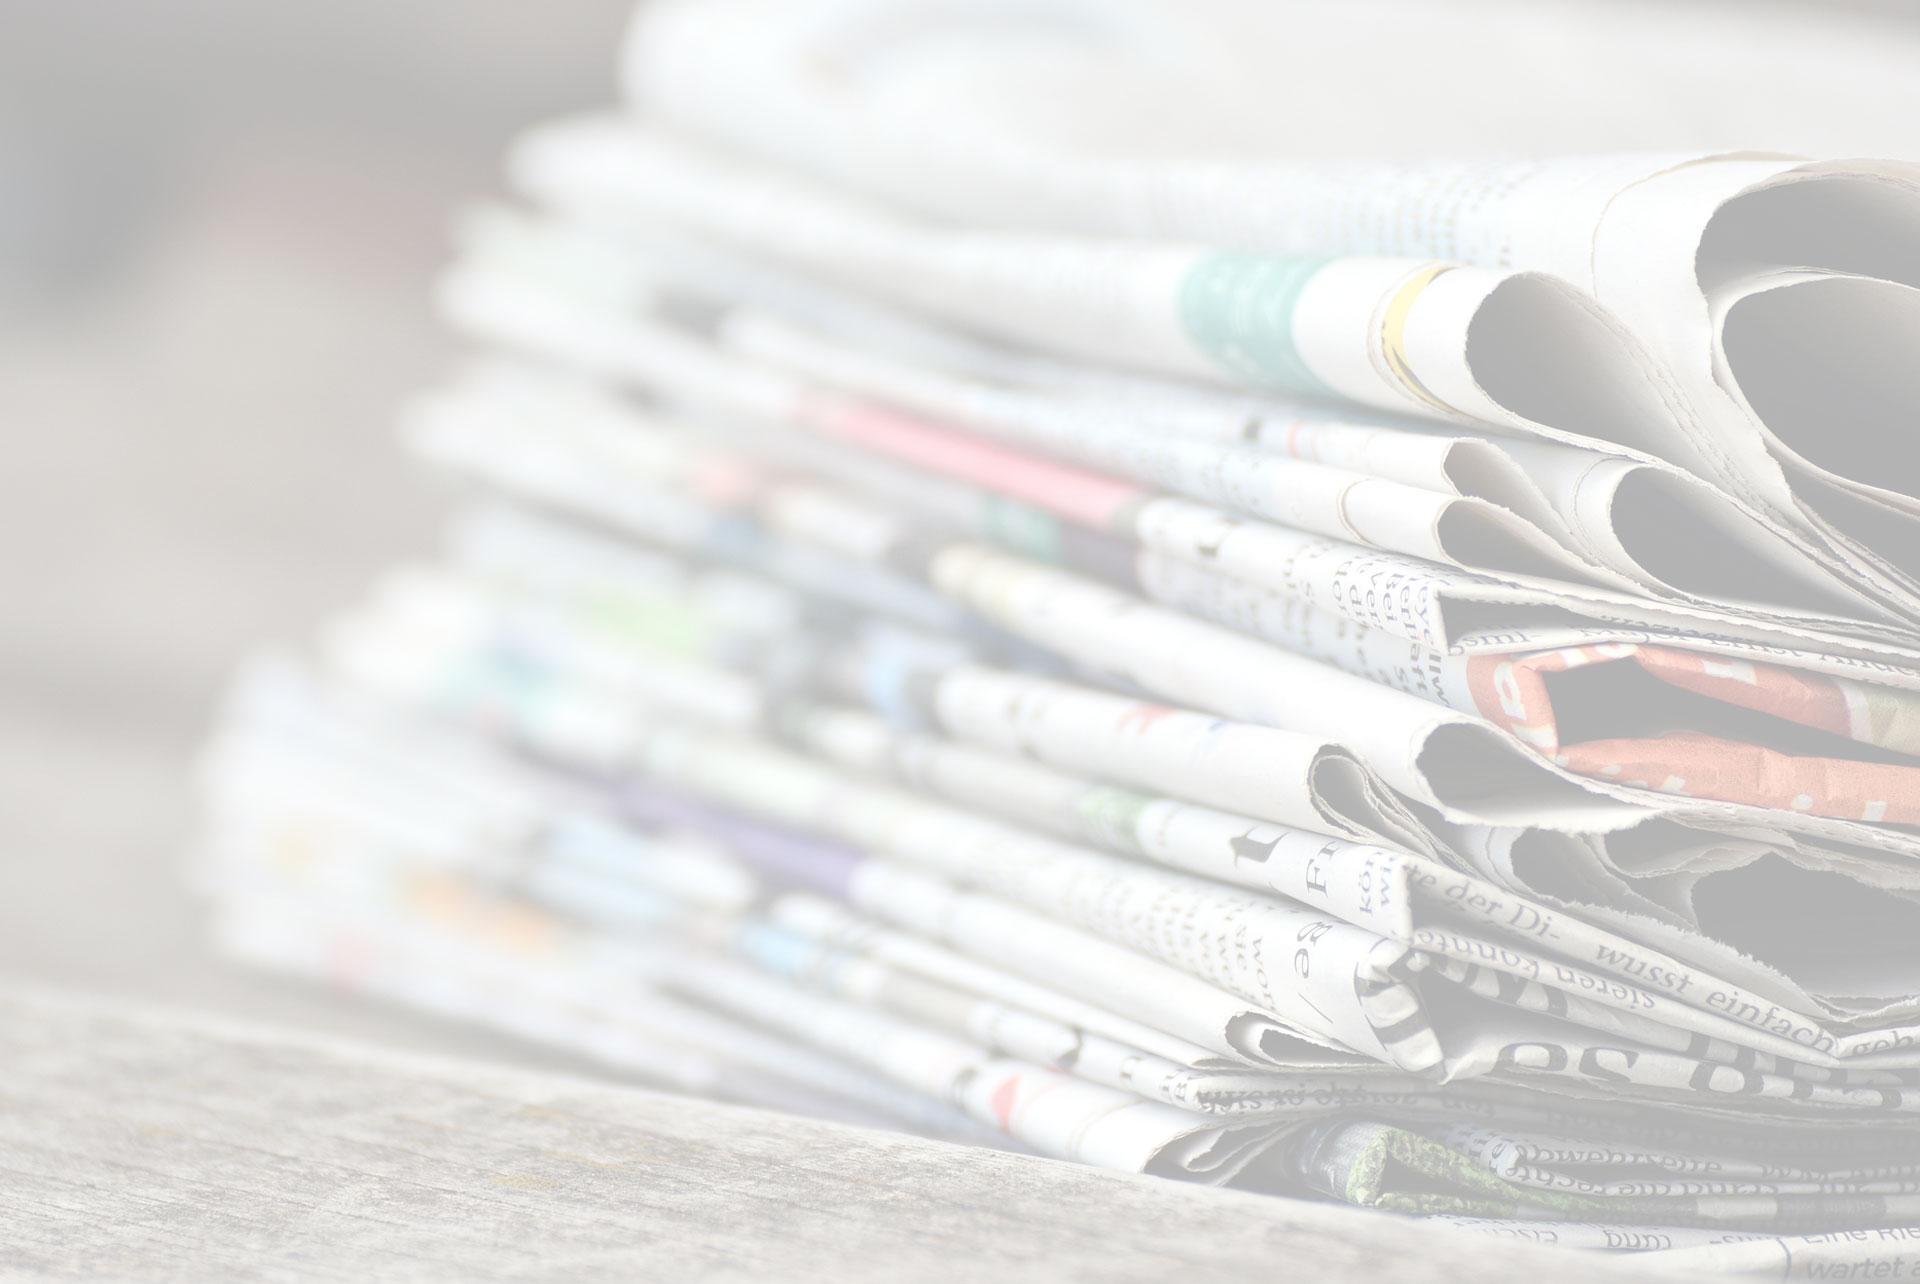 Elezioni in Togo, Gnassingbé confermato per la quarta volta.